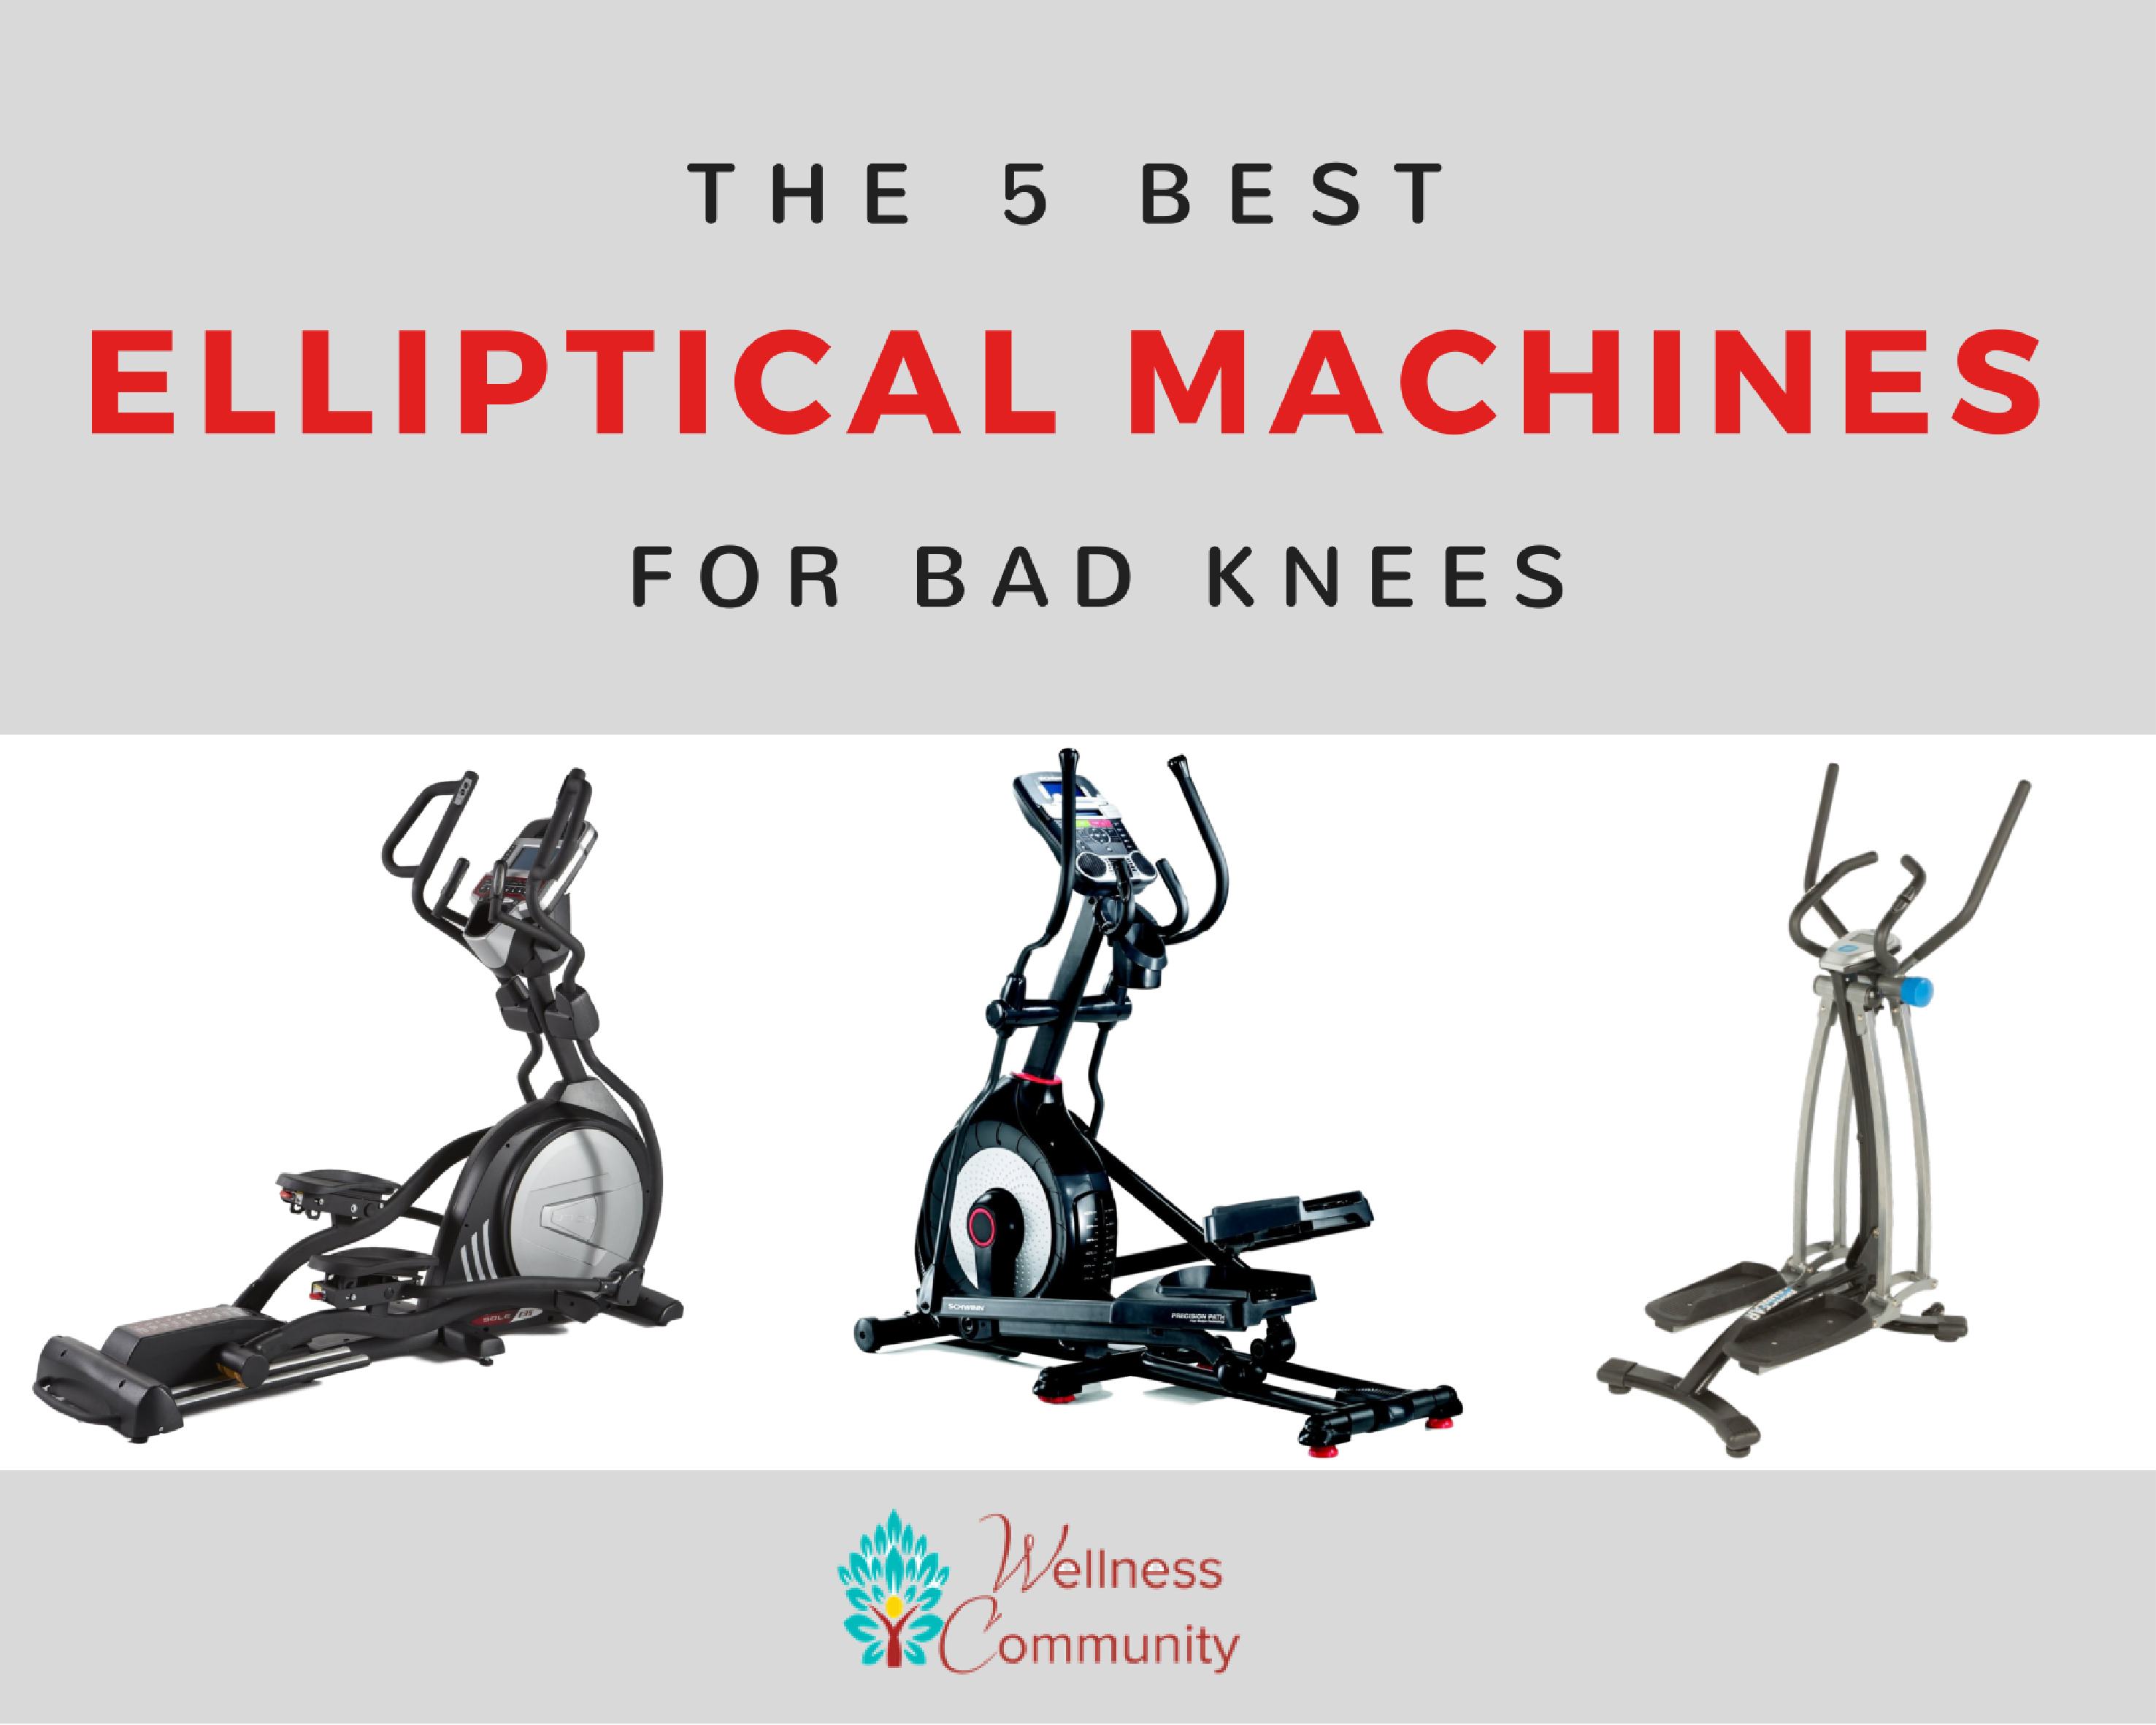 Best Elliptical for Bad Knees